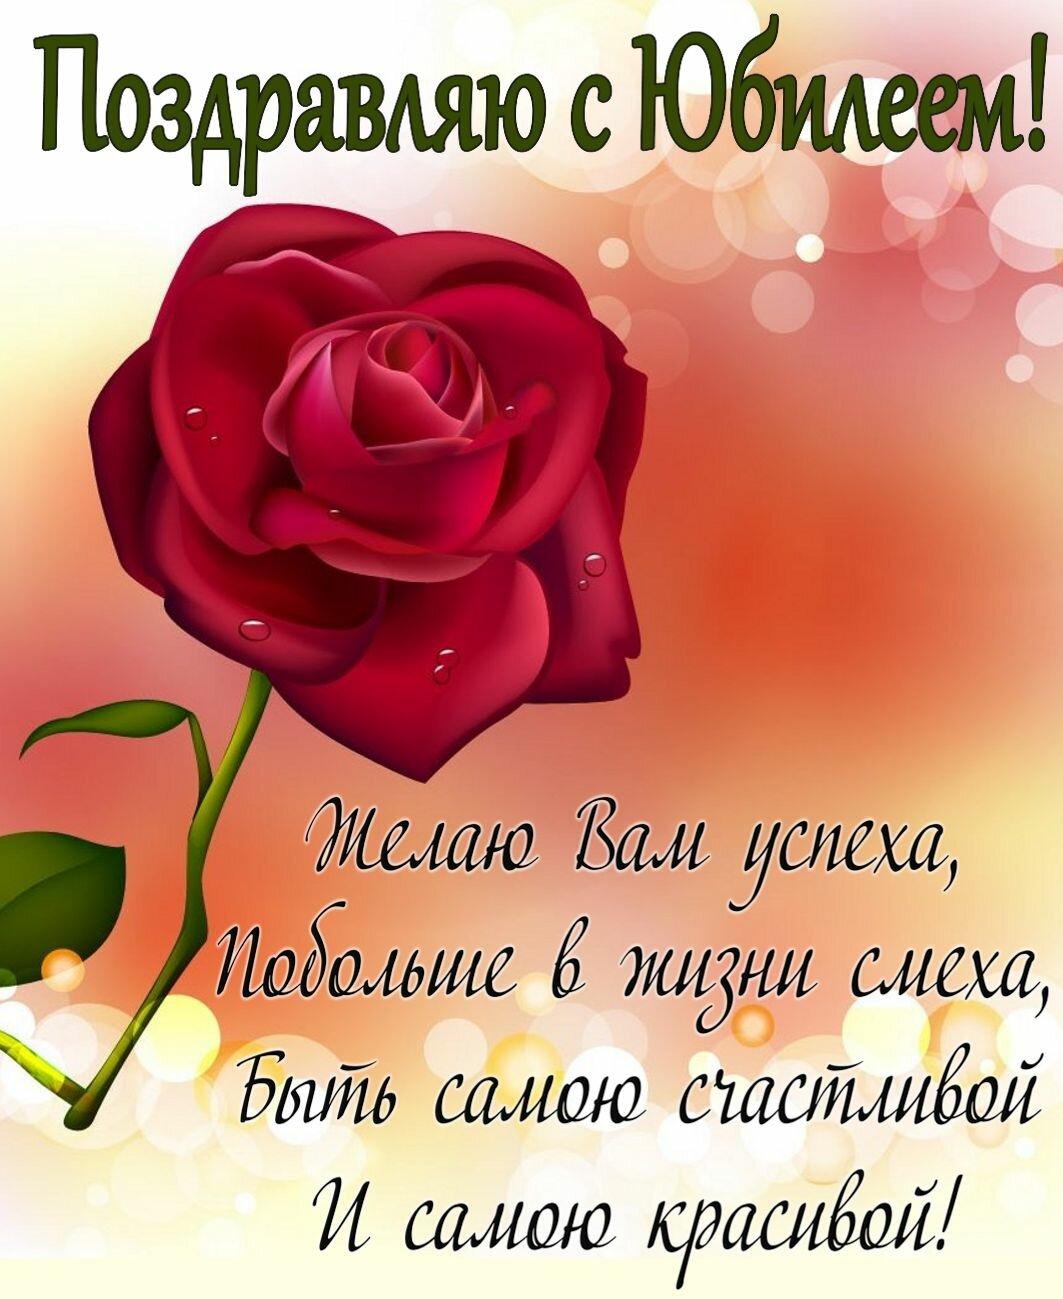 Поздравление для юбиляра женщины